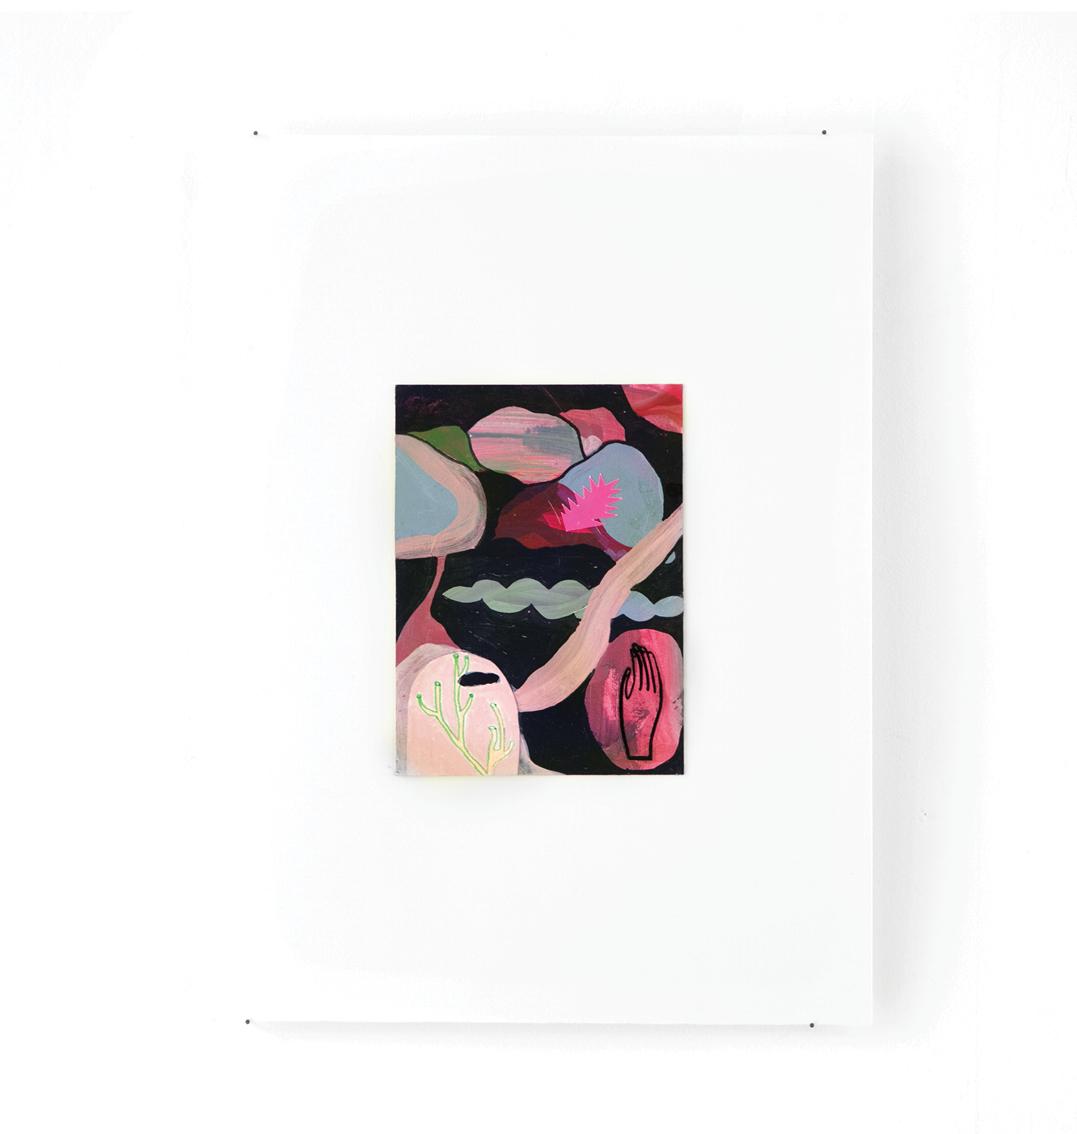 Mars - Peinture acrylique sur carton - 33 x 44 cm - 2016